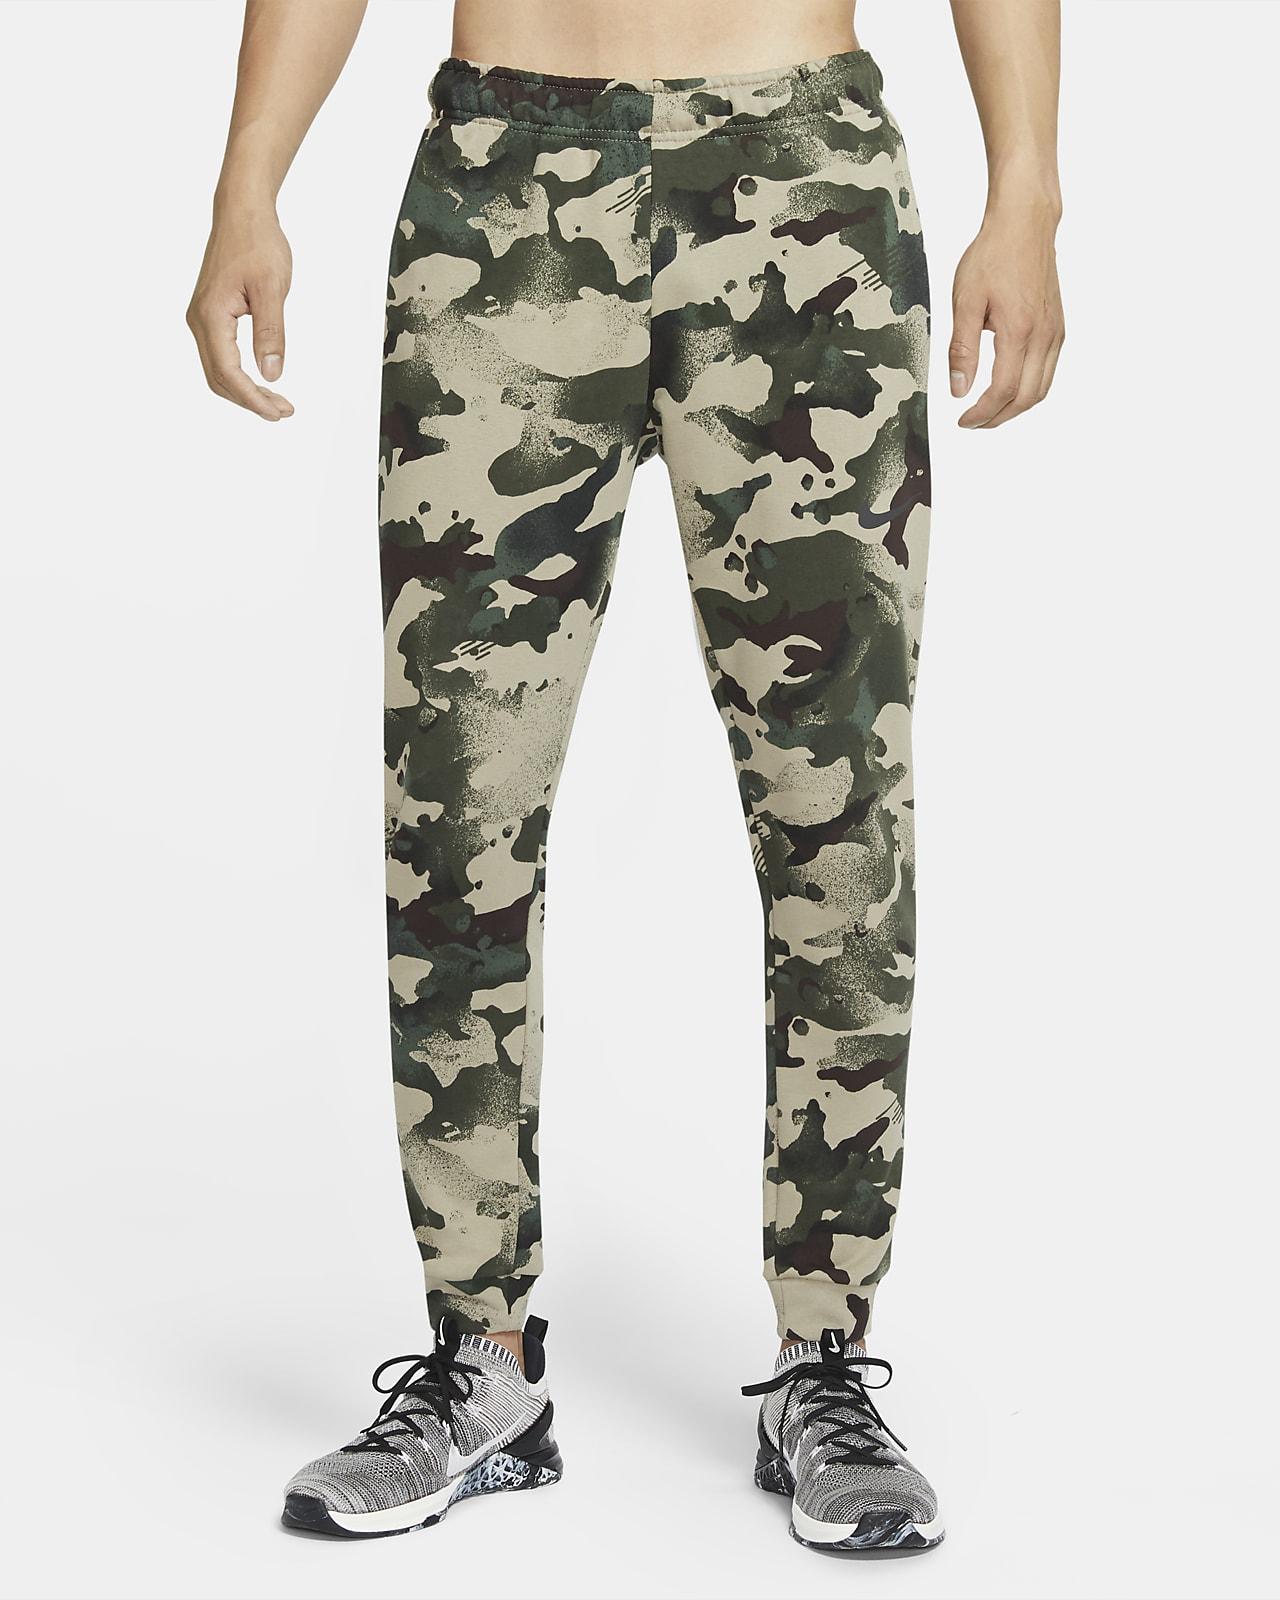 Nike Dri-FIT-camouflagetræningsbukser til mænd